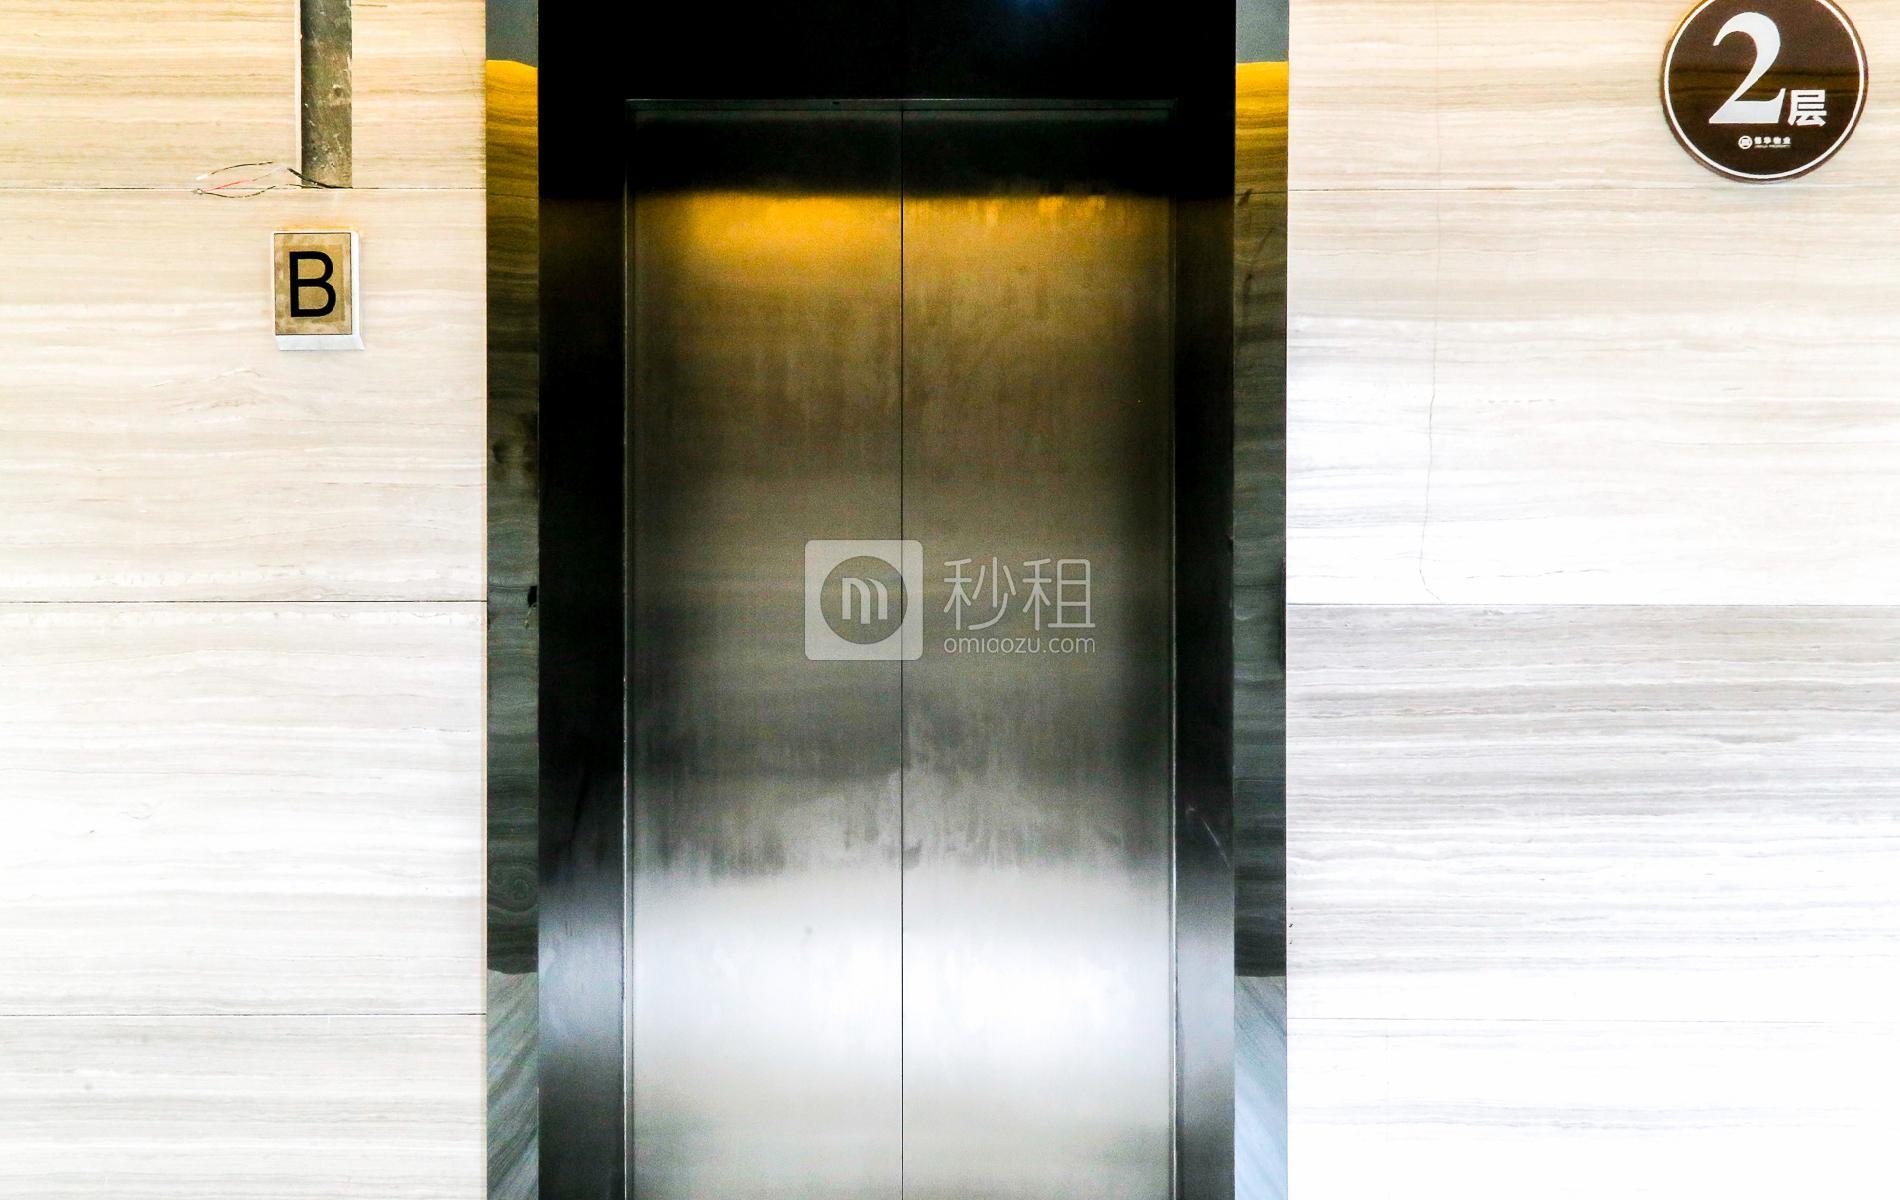 锦华大厦写字楼出租/招租/租赁,锦华大厦办公室出租/招租/租赁